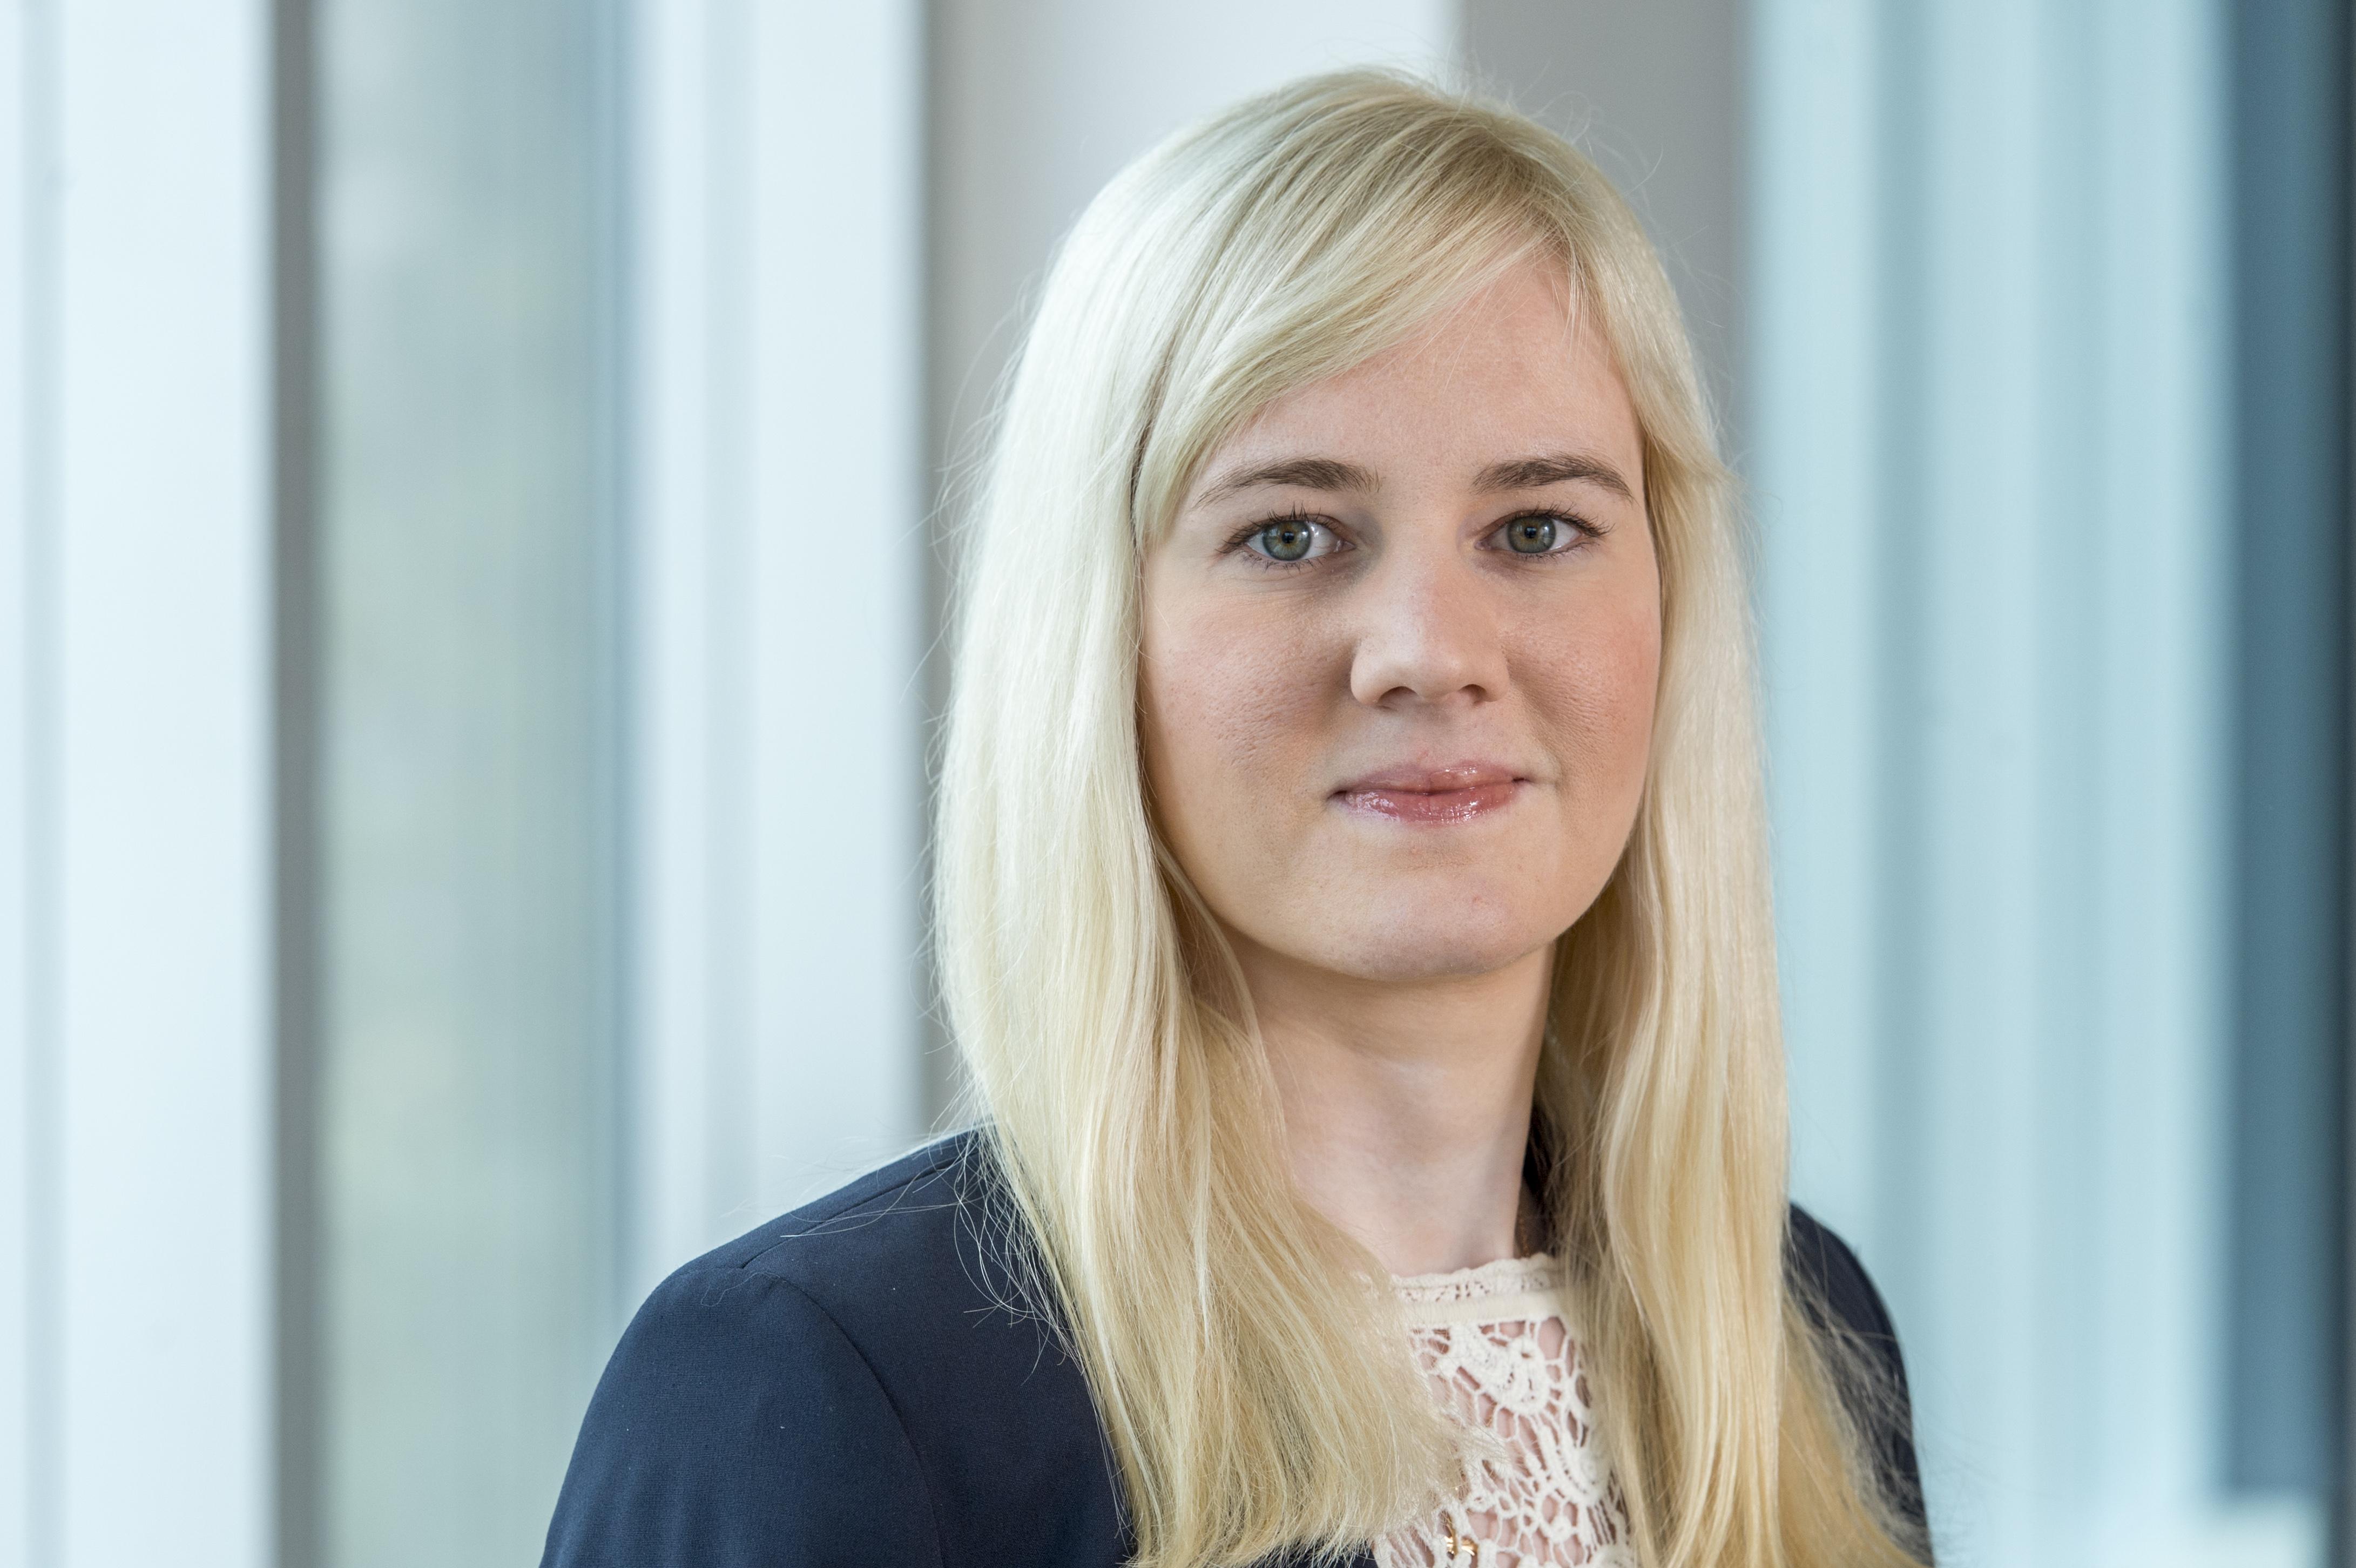 Irina Van Der Vet